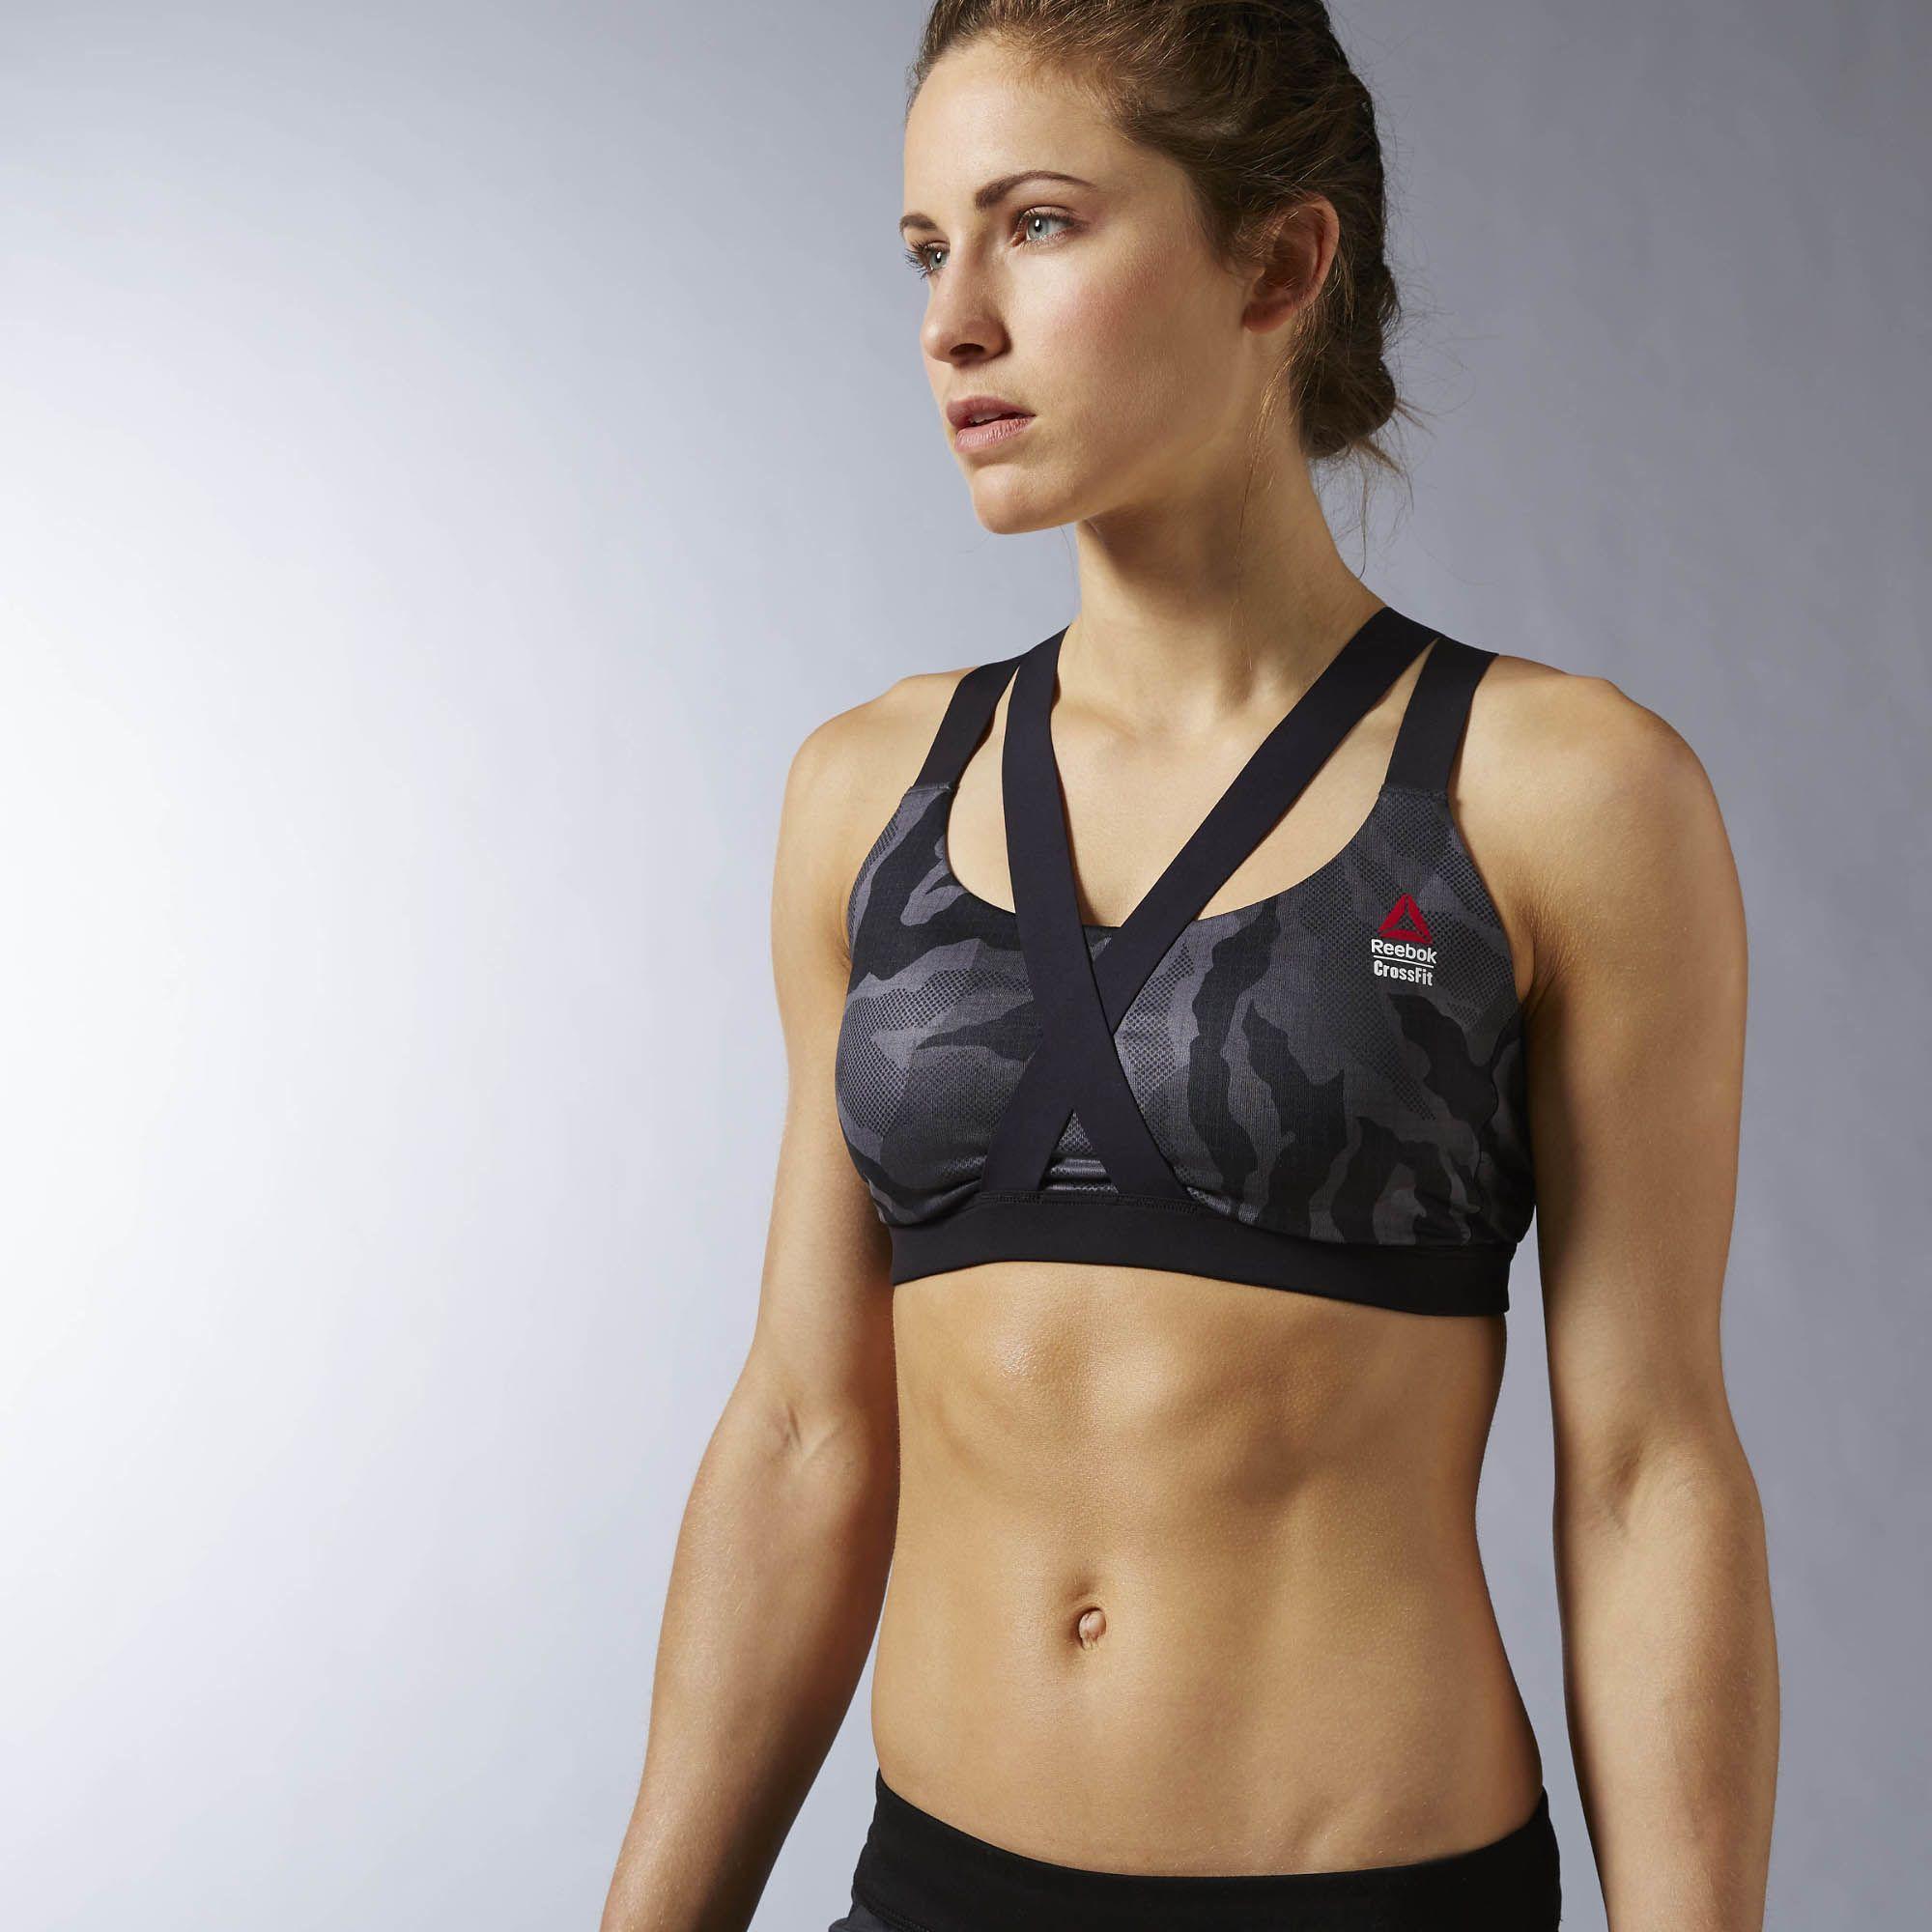 7e98452715 Reebok - Reebok CrossFit High Impact Bra | Sweat Gear | Reebok ...